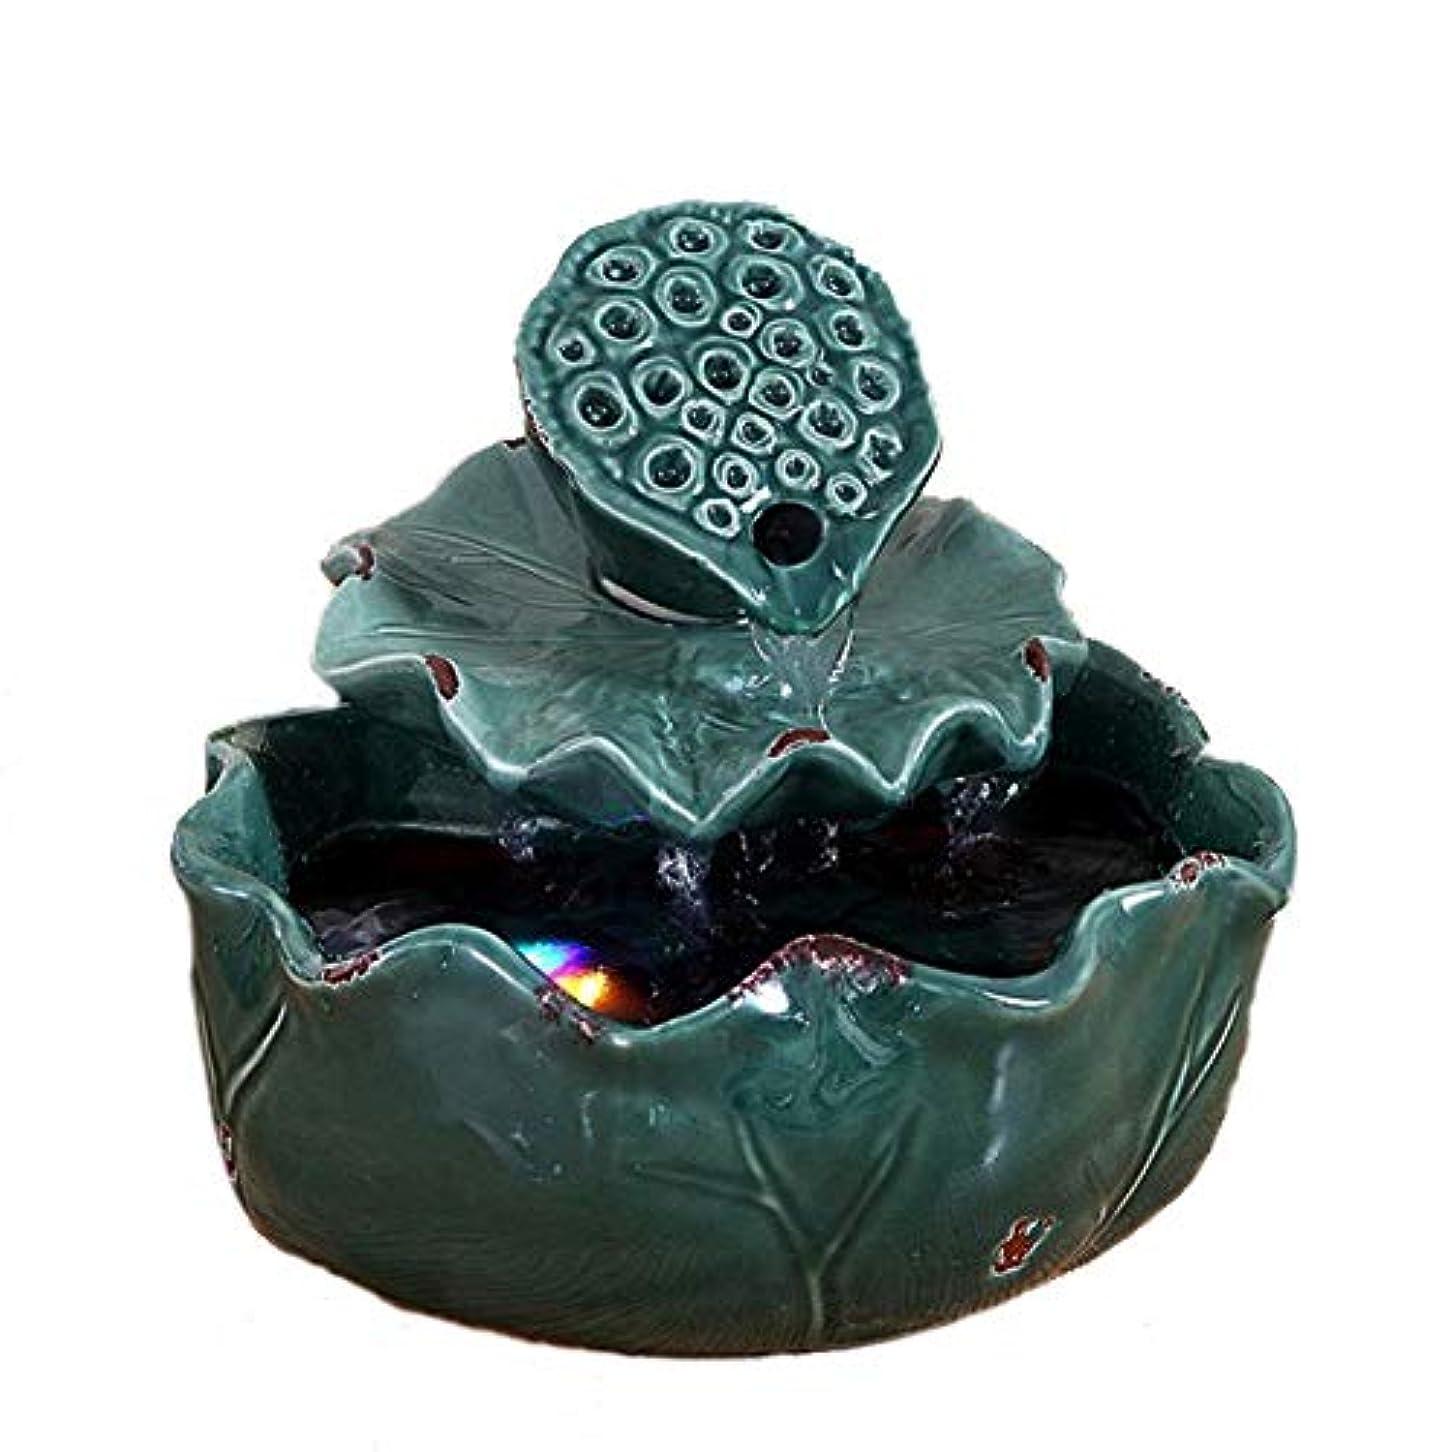 キャンパスかもめレパートリー空気加湿器クリエイティブロータス卓上装飾装飾セラミック工芸絶妙なギフト